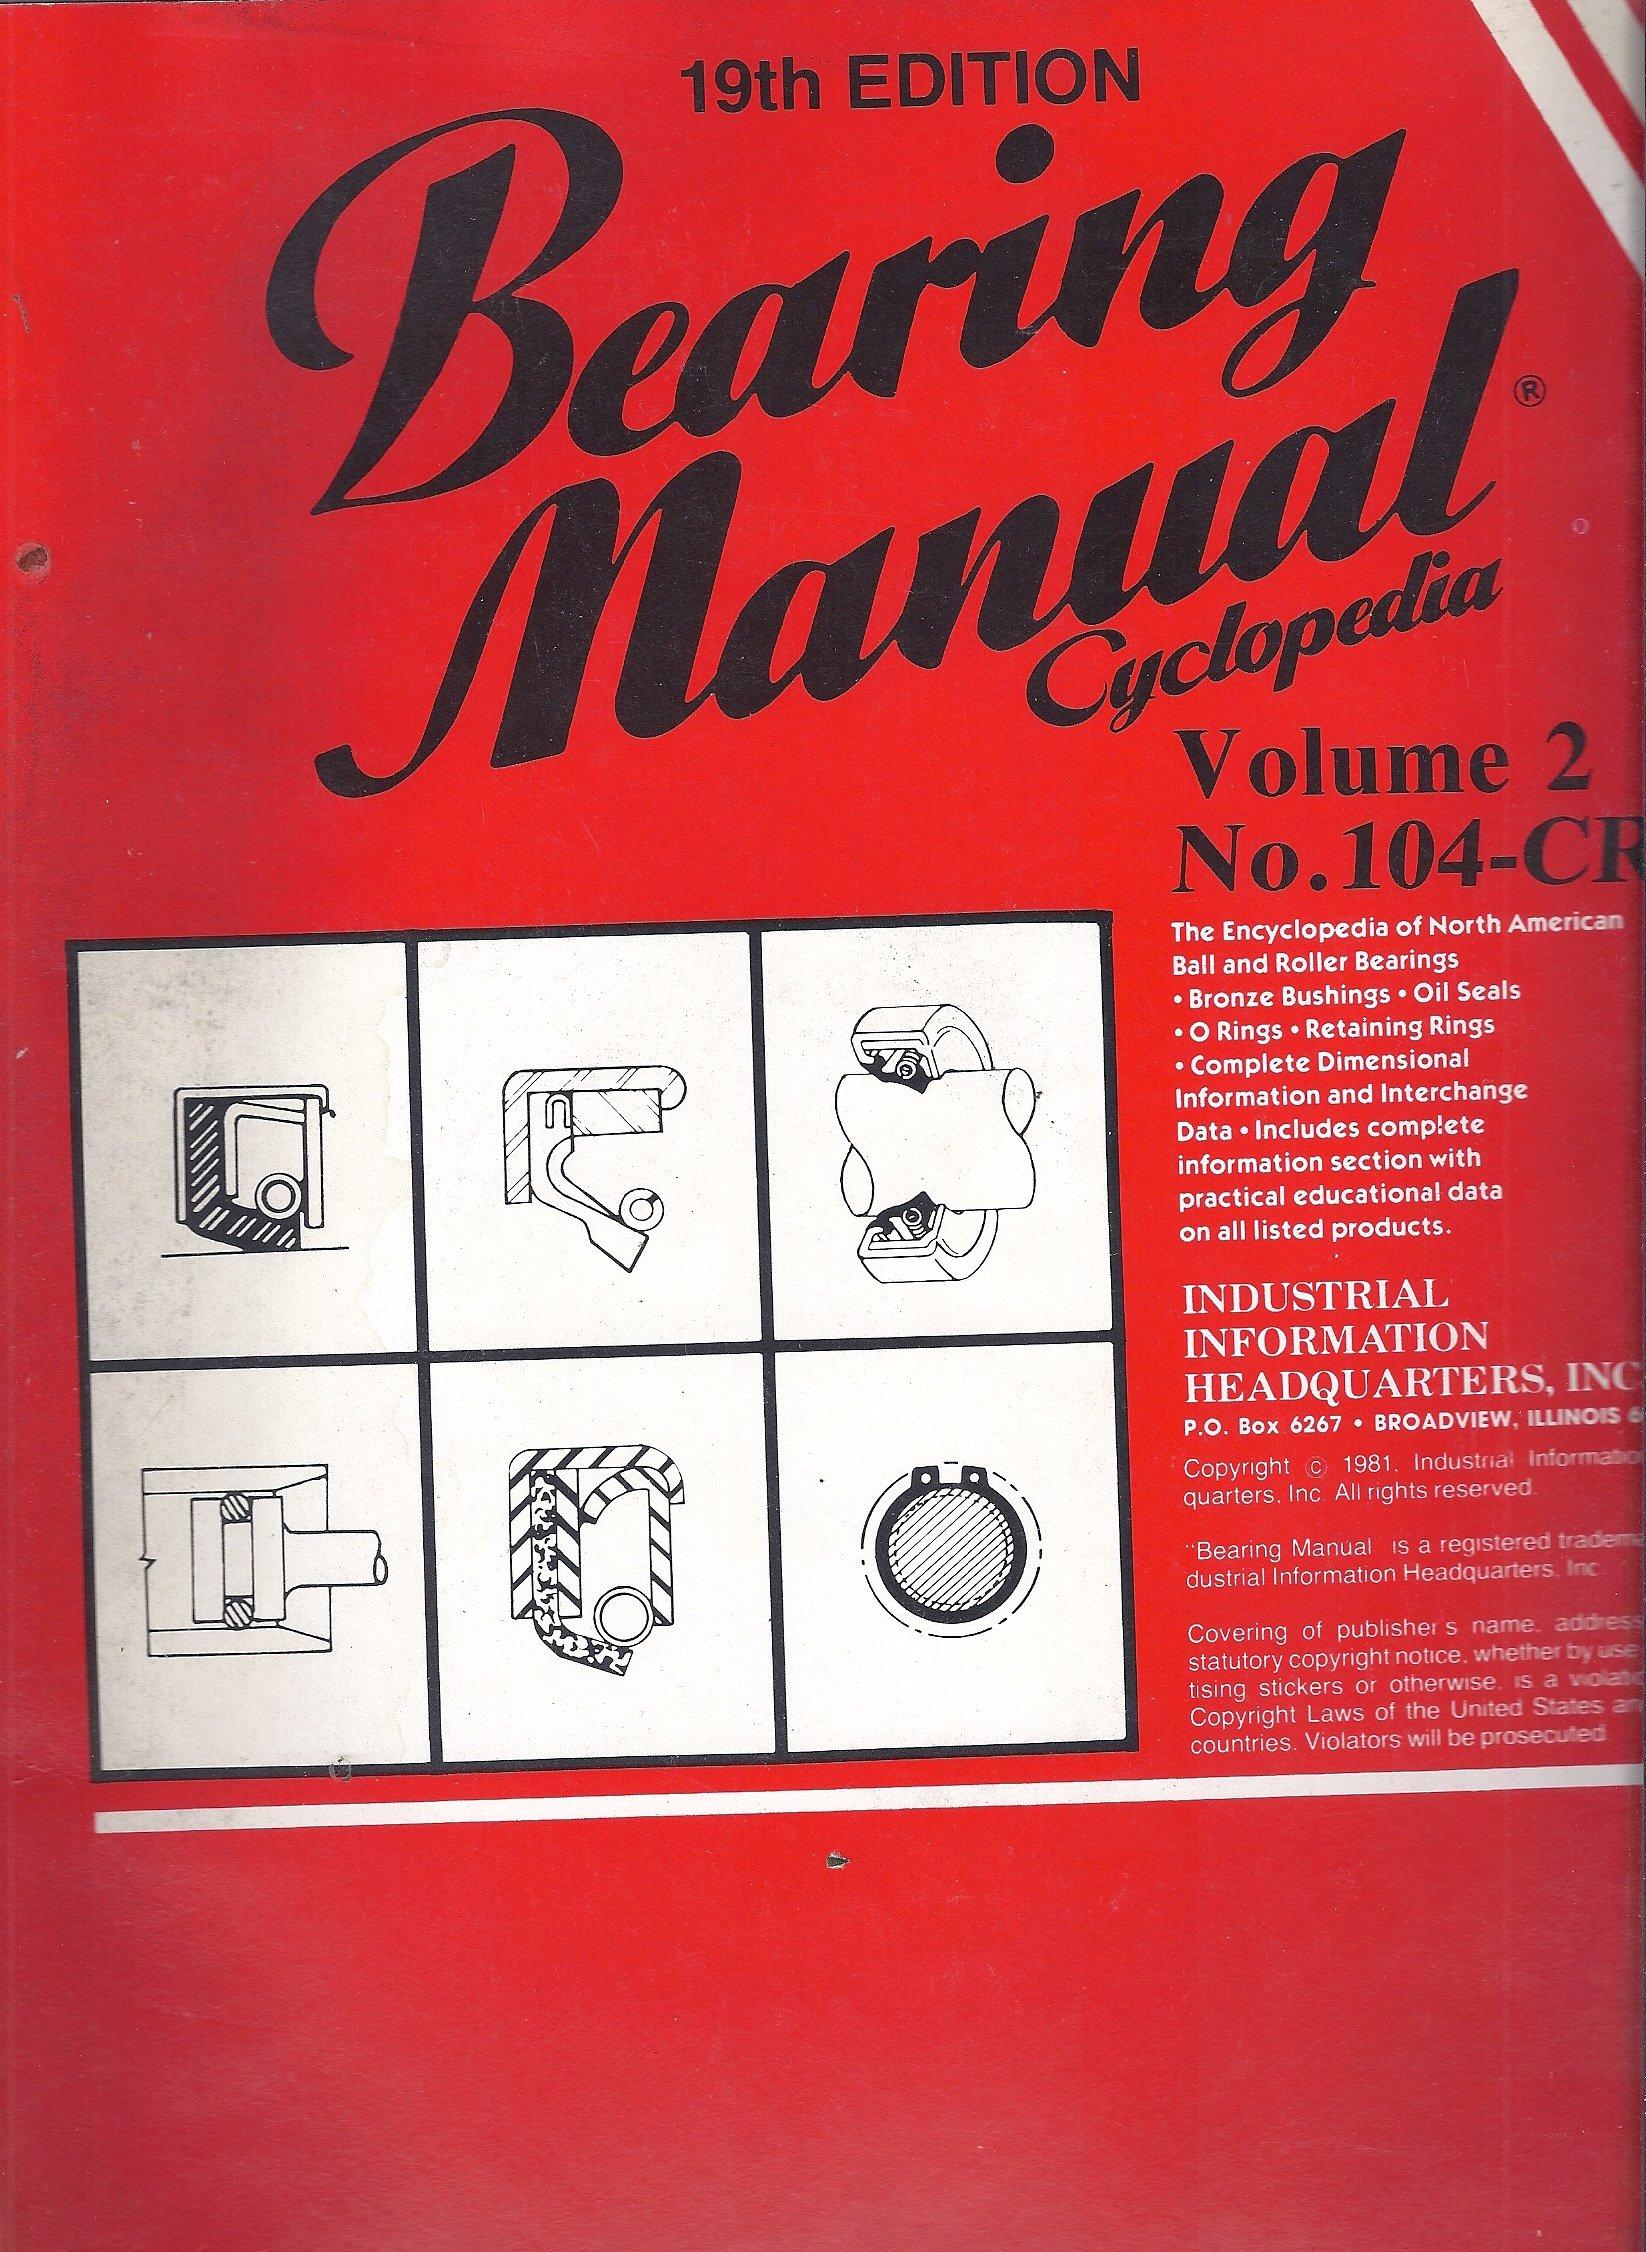 Bearing Manual Cyclopedia 19th Edition Volume # 2: Various: Amazon